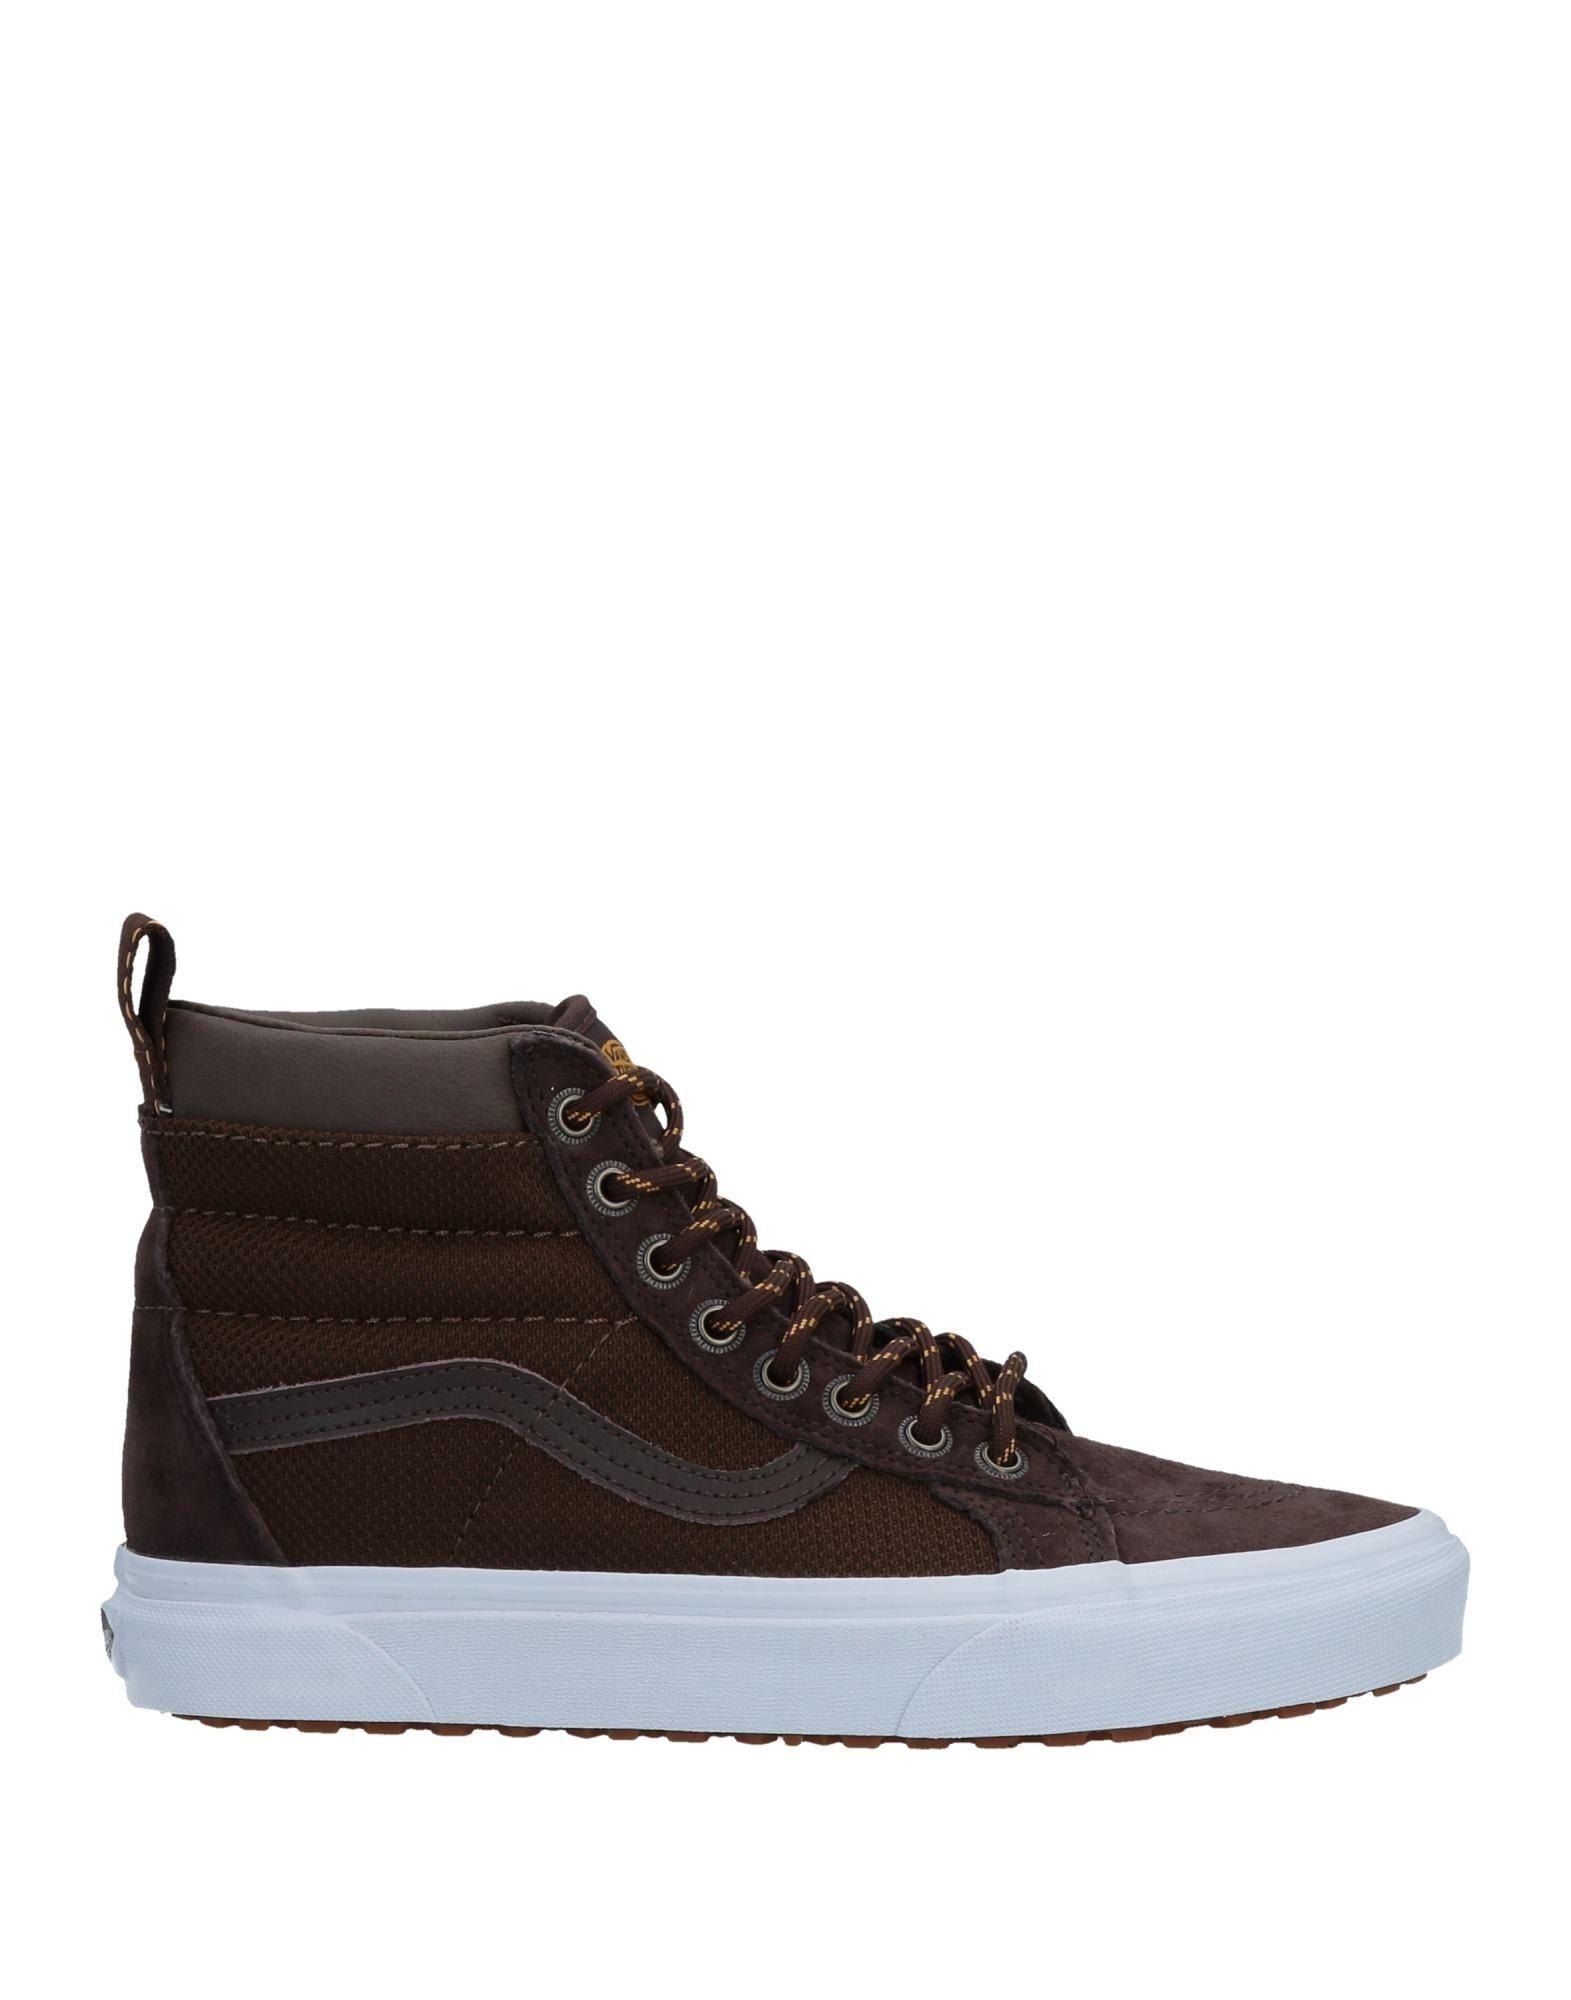 Vans Sneakers Herren  11508548VU